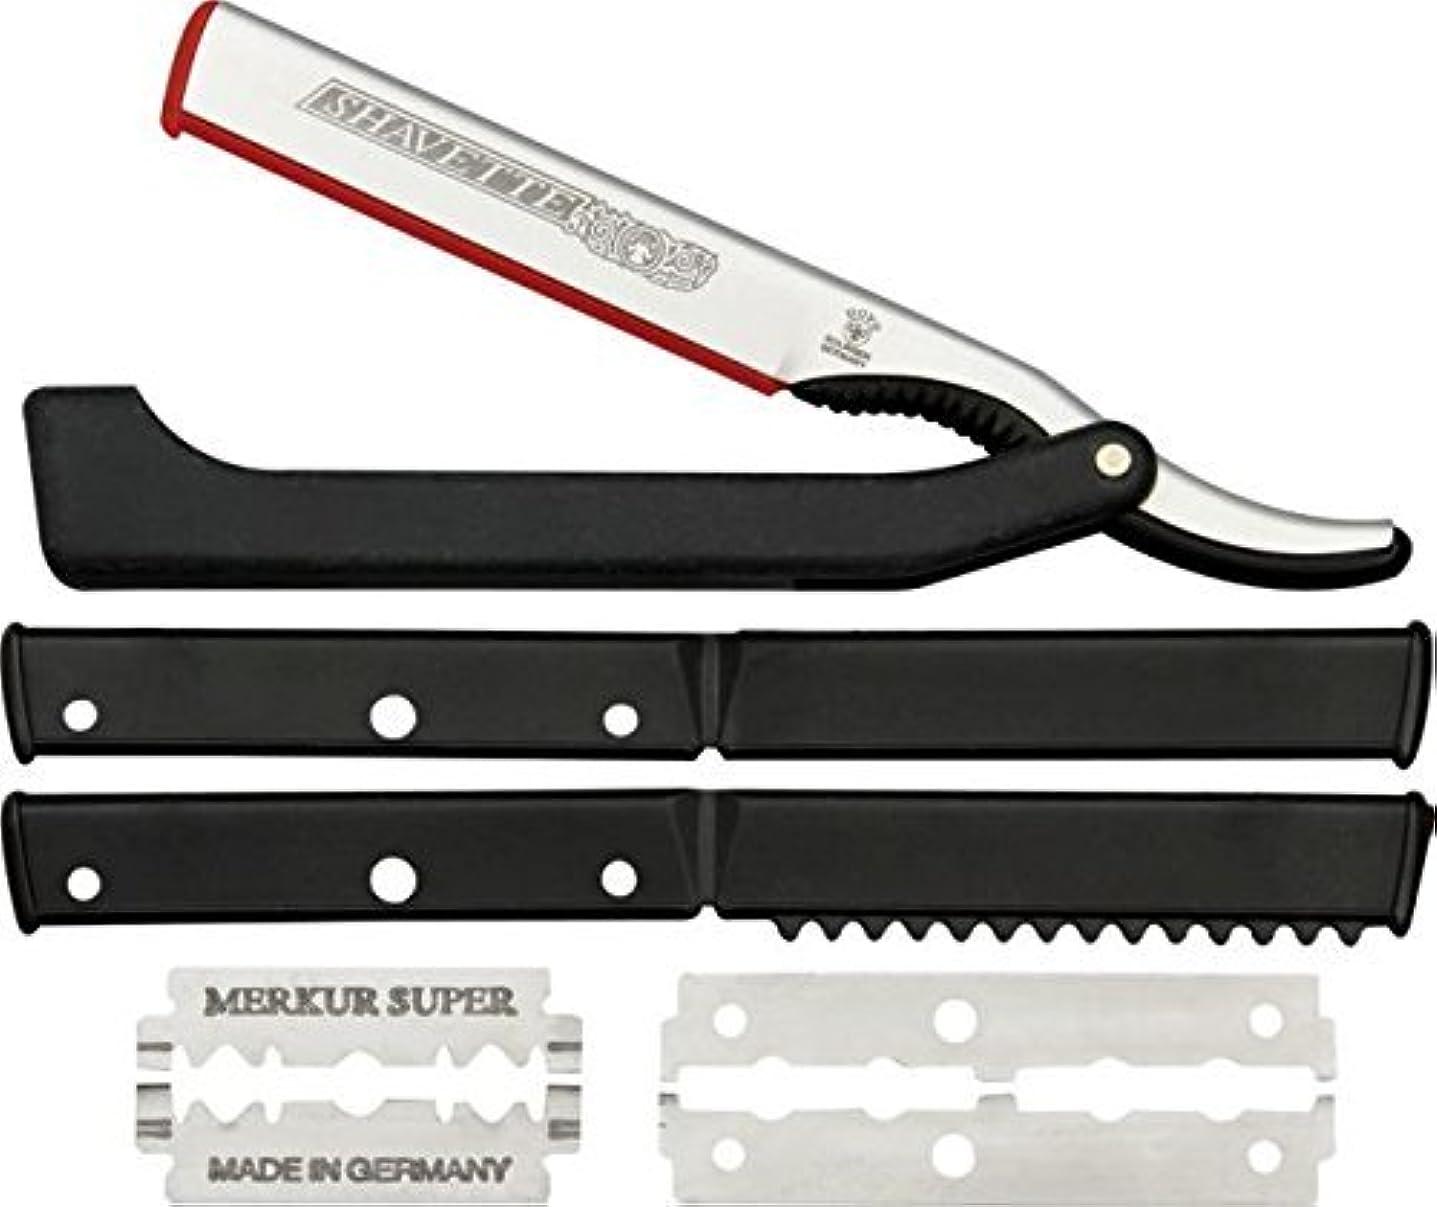 円周性能人DOVO Solingen - Shavette, straight edge razor, changeable blade, 201081